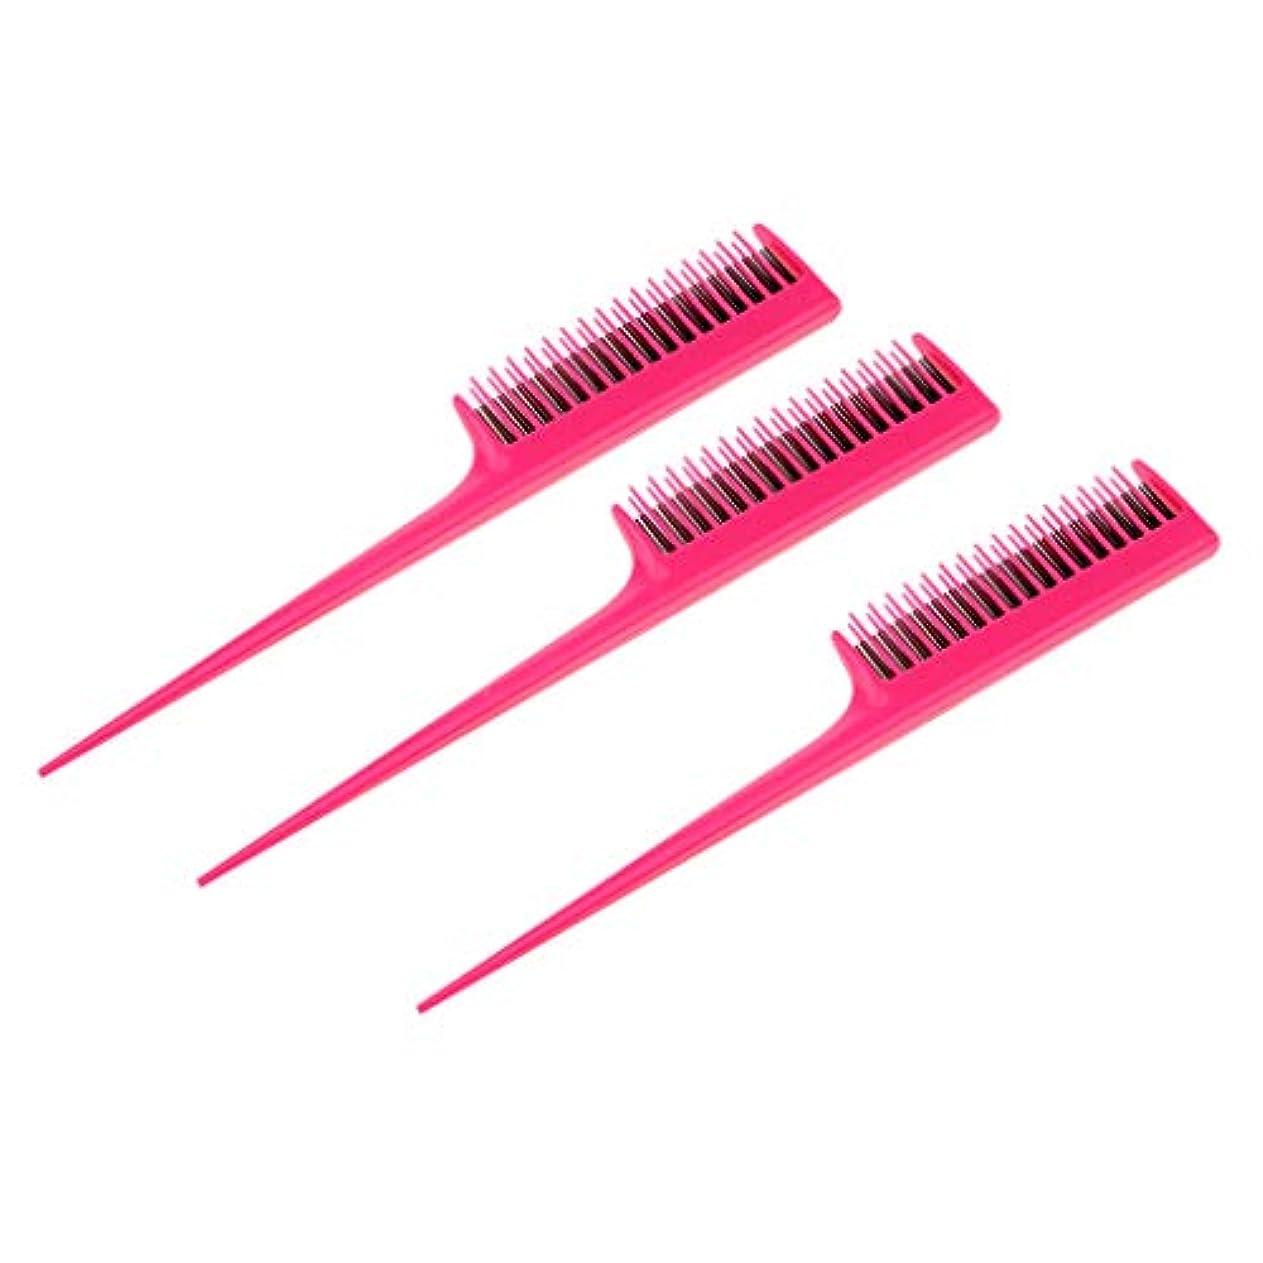 助けになるセラフプレゼンターヘアダイコーム 櫛 ヘアコーム ヘアブラシ プラスチック 染毛剤 ツール 3個入り